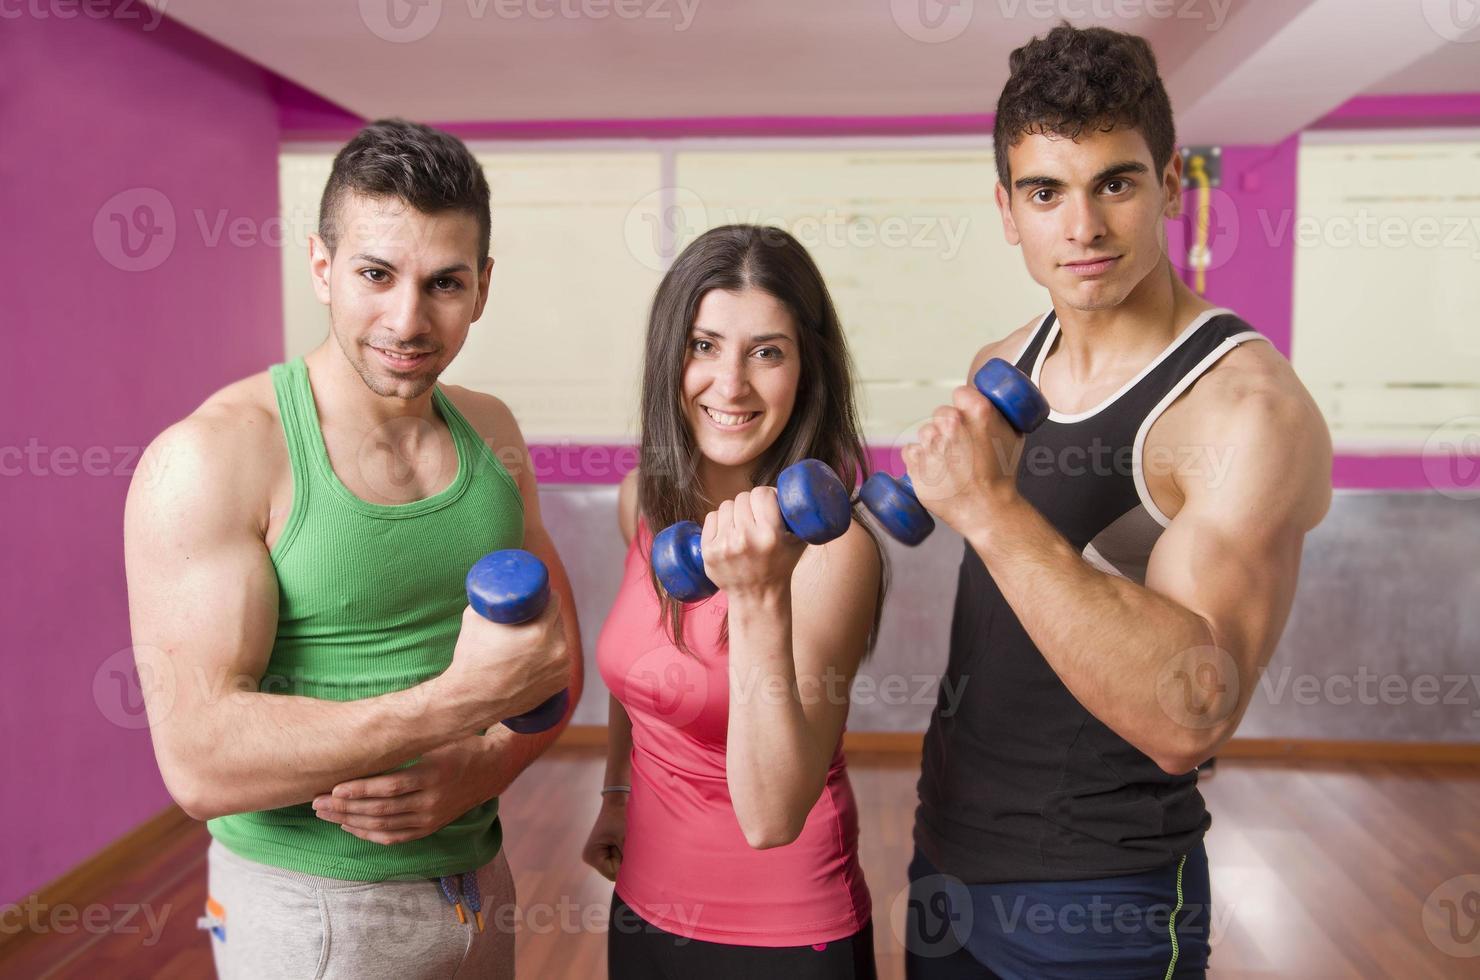 sportschool mensen foto